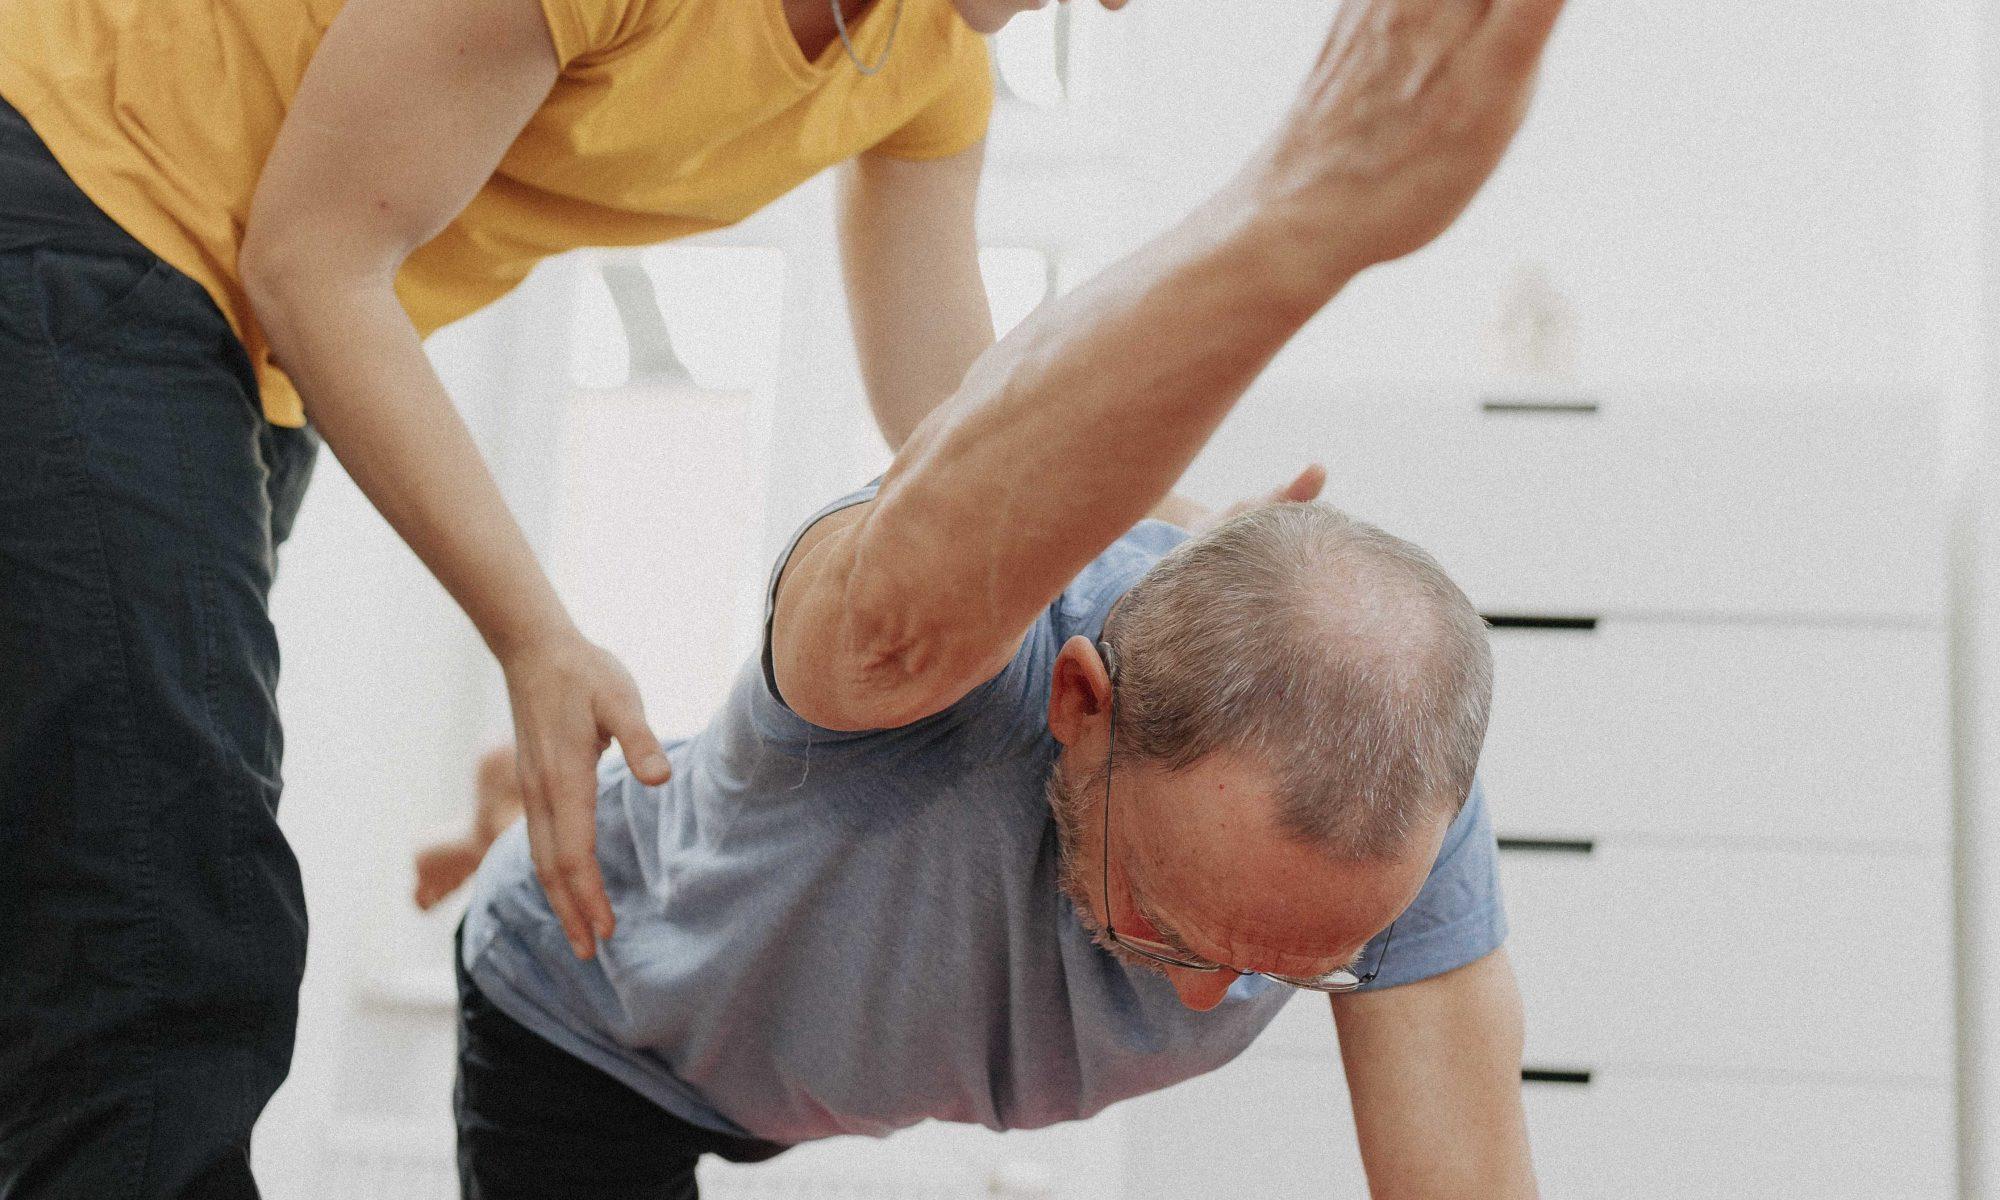 Kontakt und wie komme ich zu Physiotherapie? 1